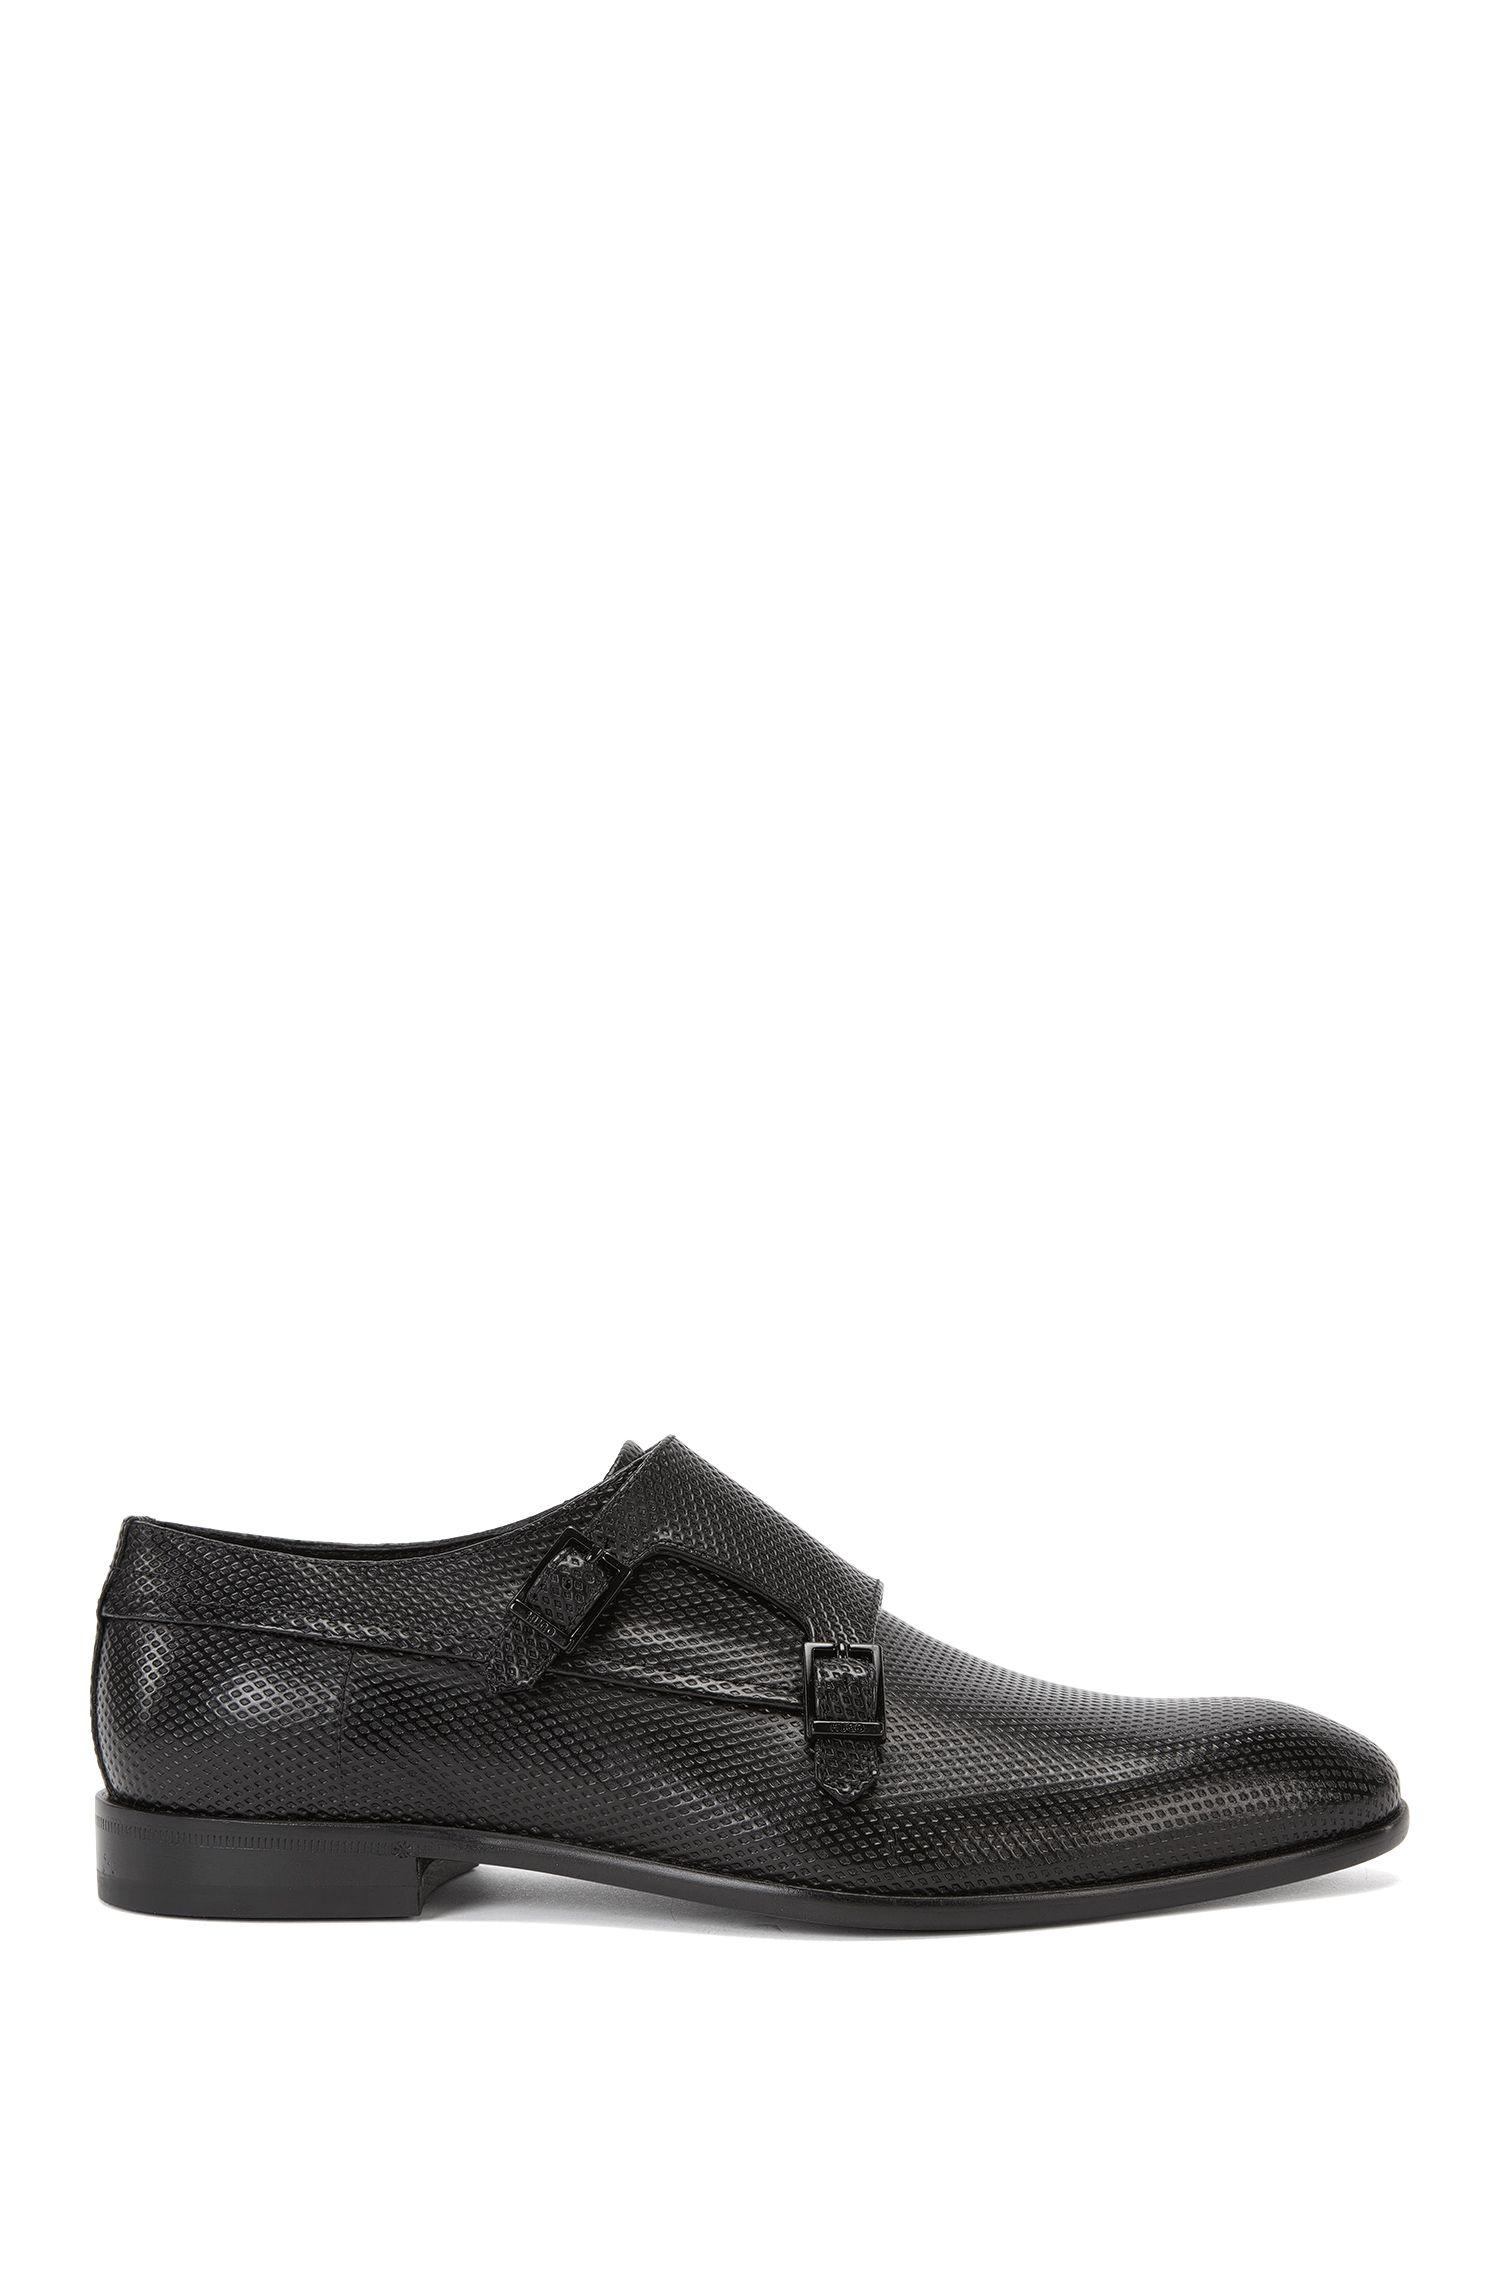 Zapatos monk con doble hebilla en piel repujada: 'Dressapp_Monk_pr'